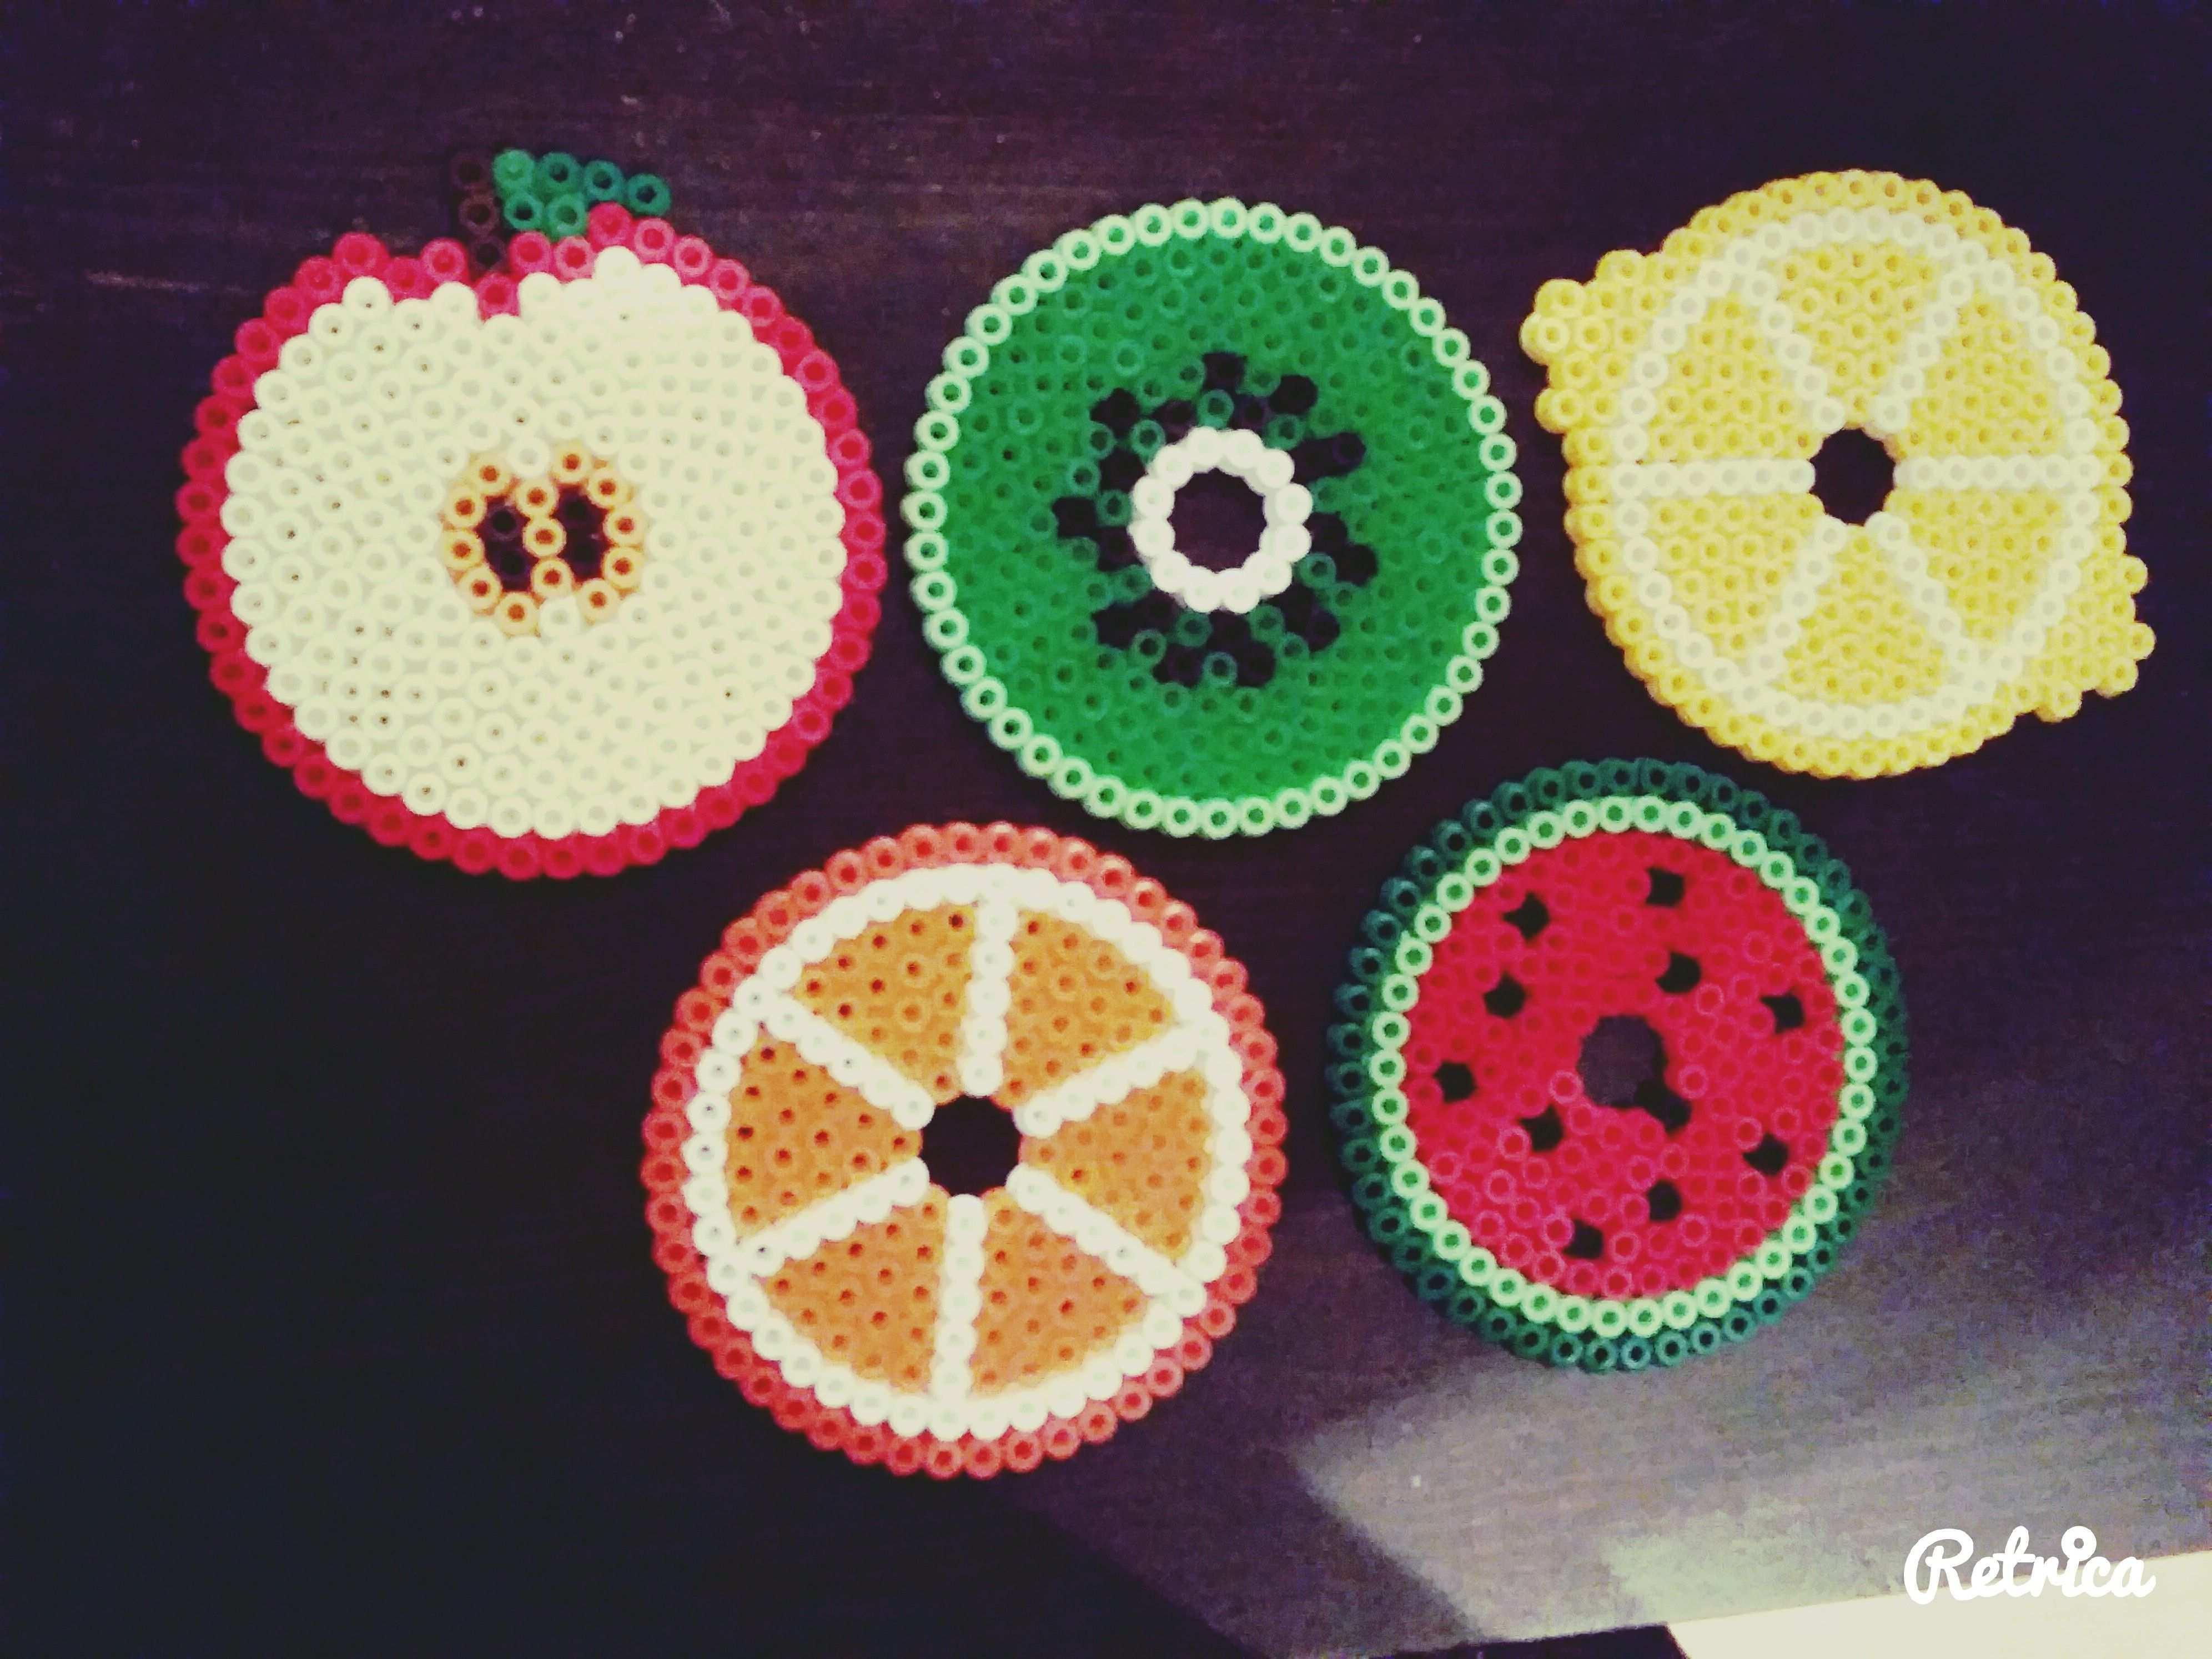 Obst Fruchte Untersetzer Aus Bugelperlen Apfel Kiwi Zitrone Orange Wassermelone Bugelperlen Hama Bugelperlen Bastelarbeiten